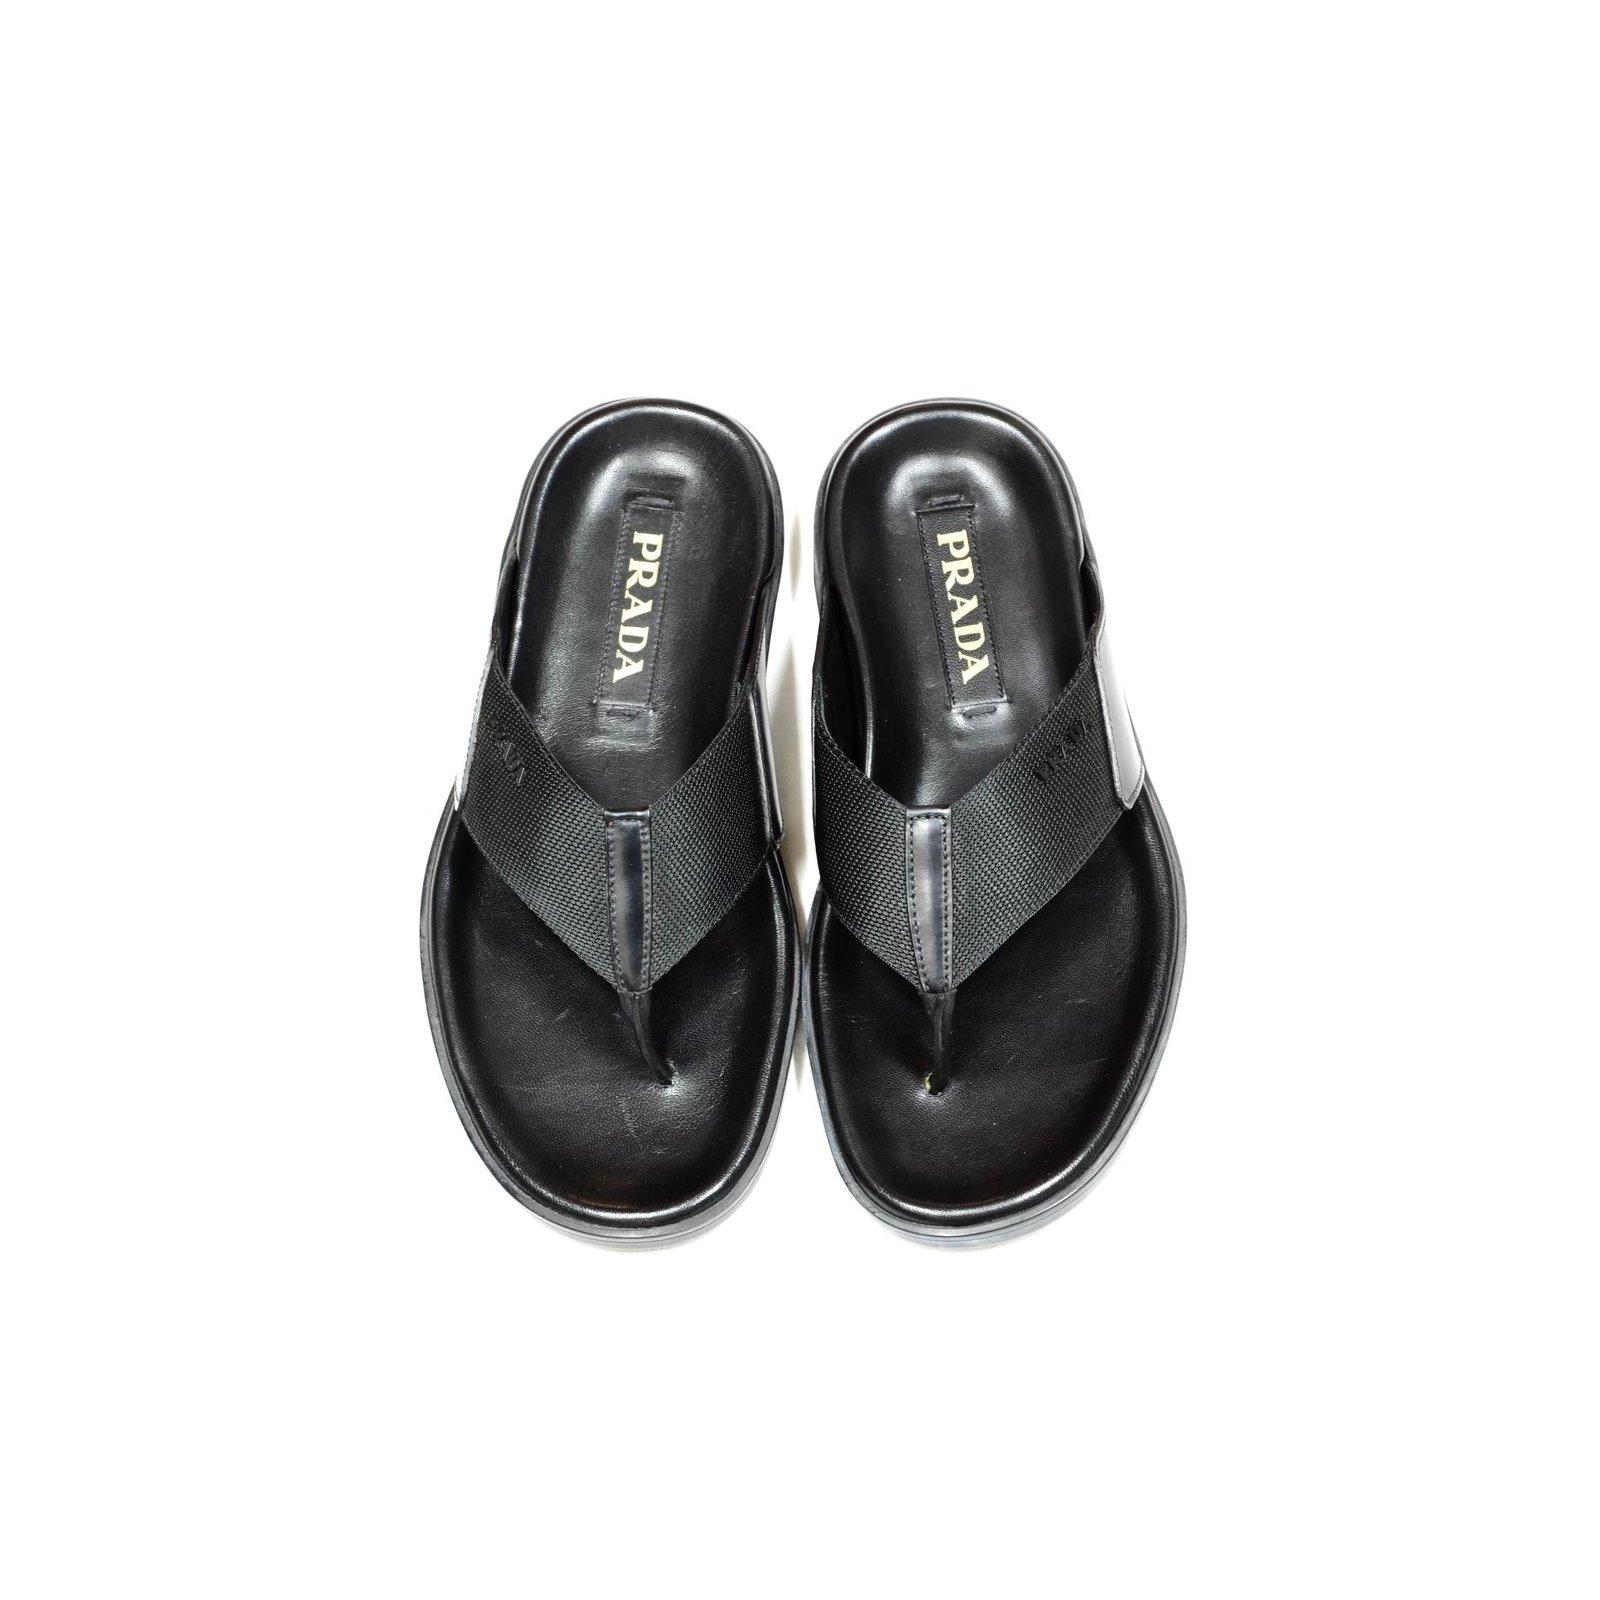 Prada sandals Men Sandals Leather Black